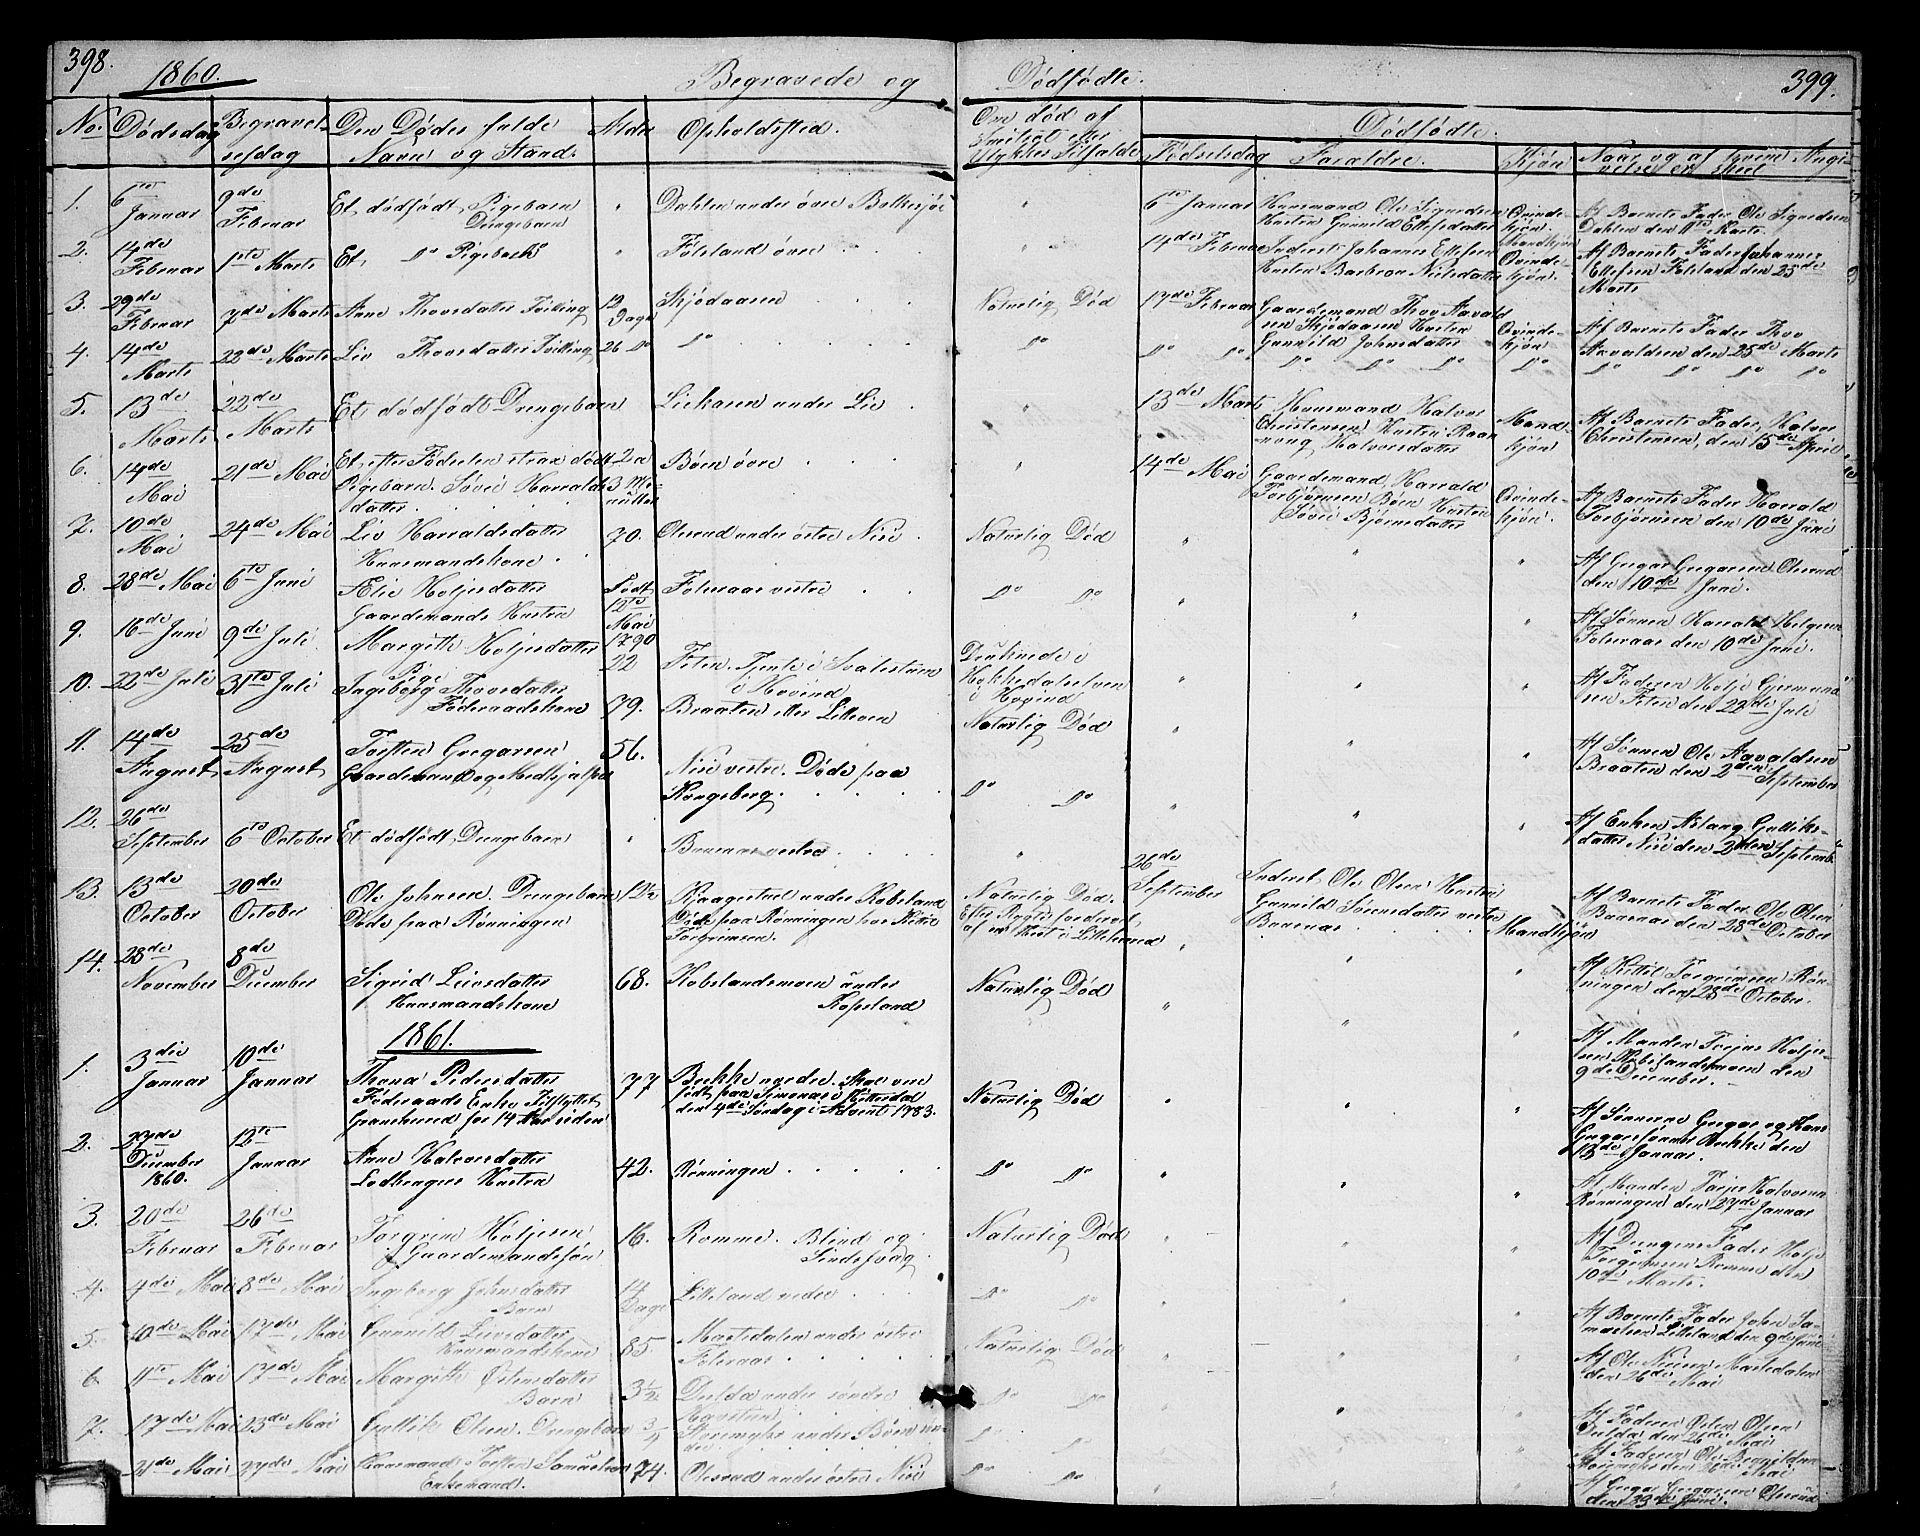 SAKO, Gransherad kirkebøker, G/Ga/L0002: Klokkerbok nr. I 2, 1854-1886, s. 398-399